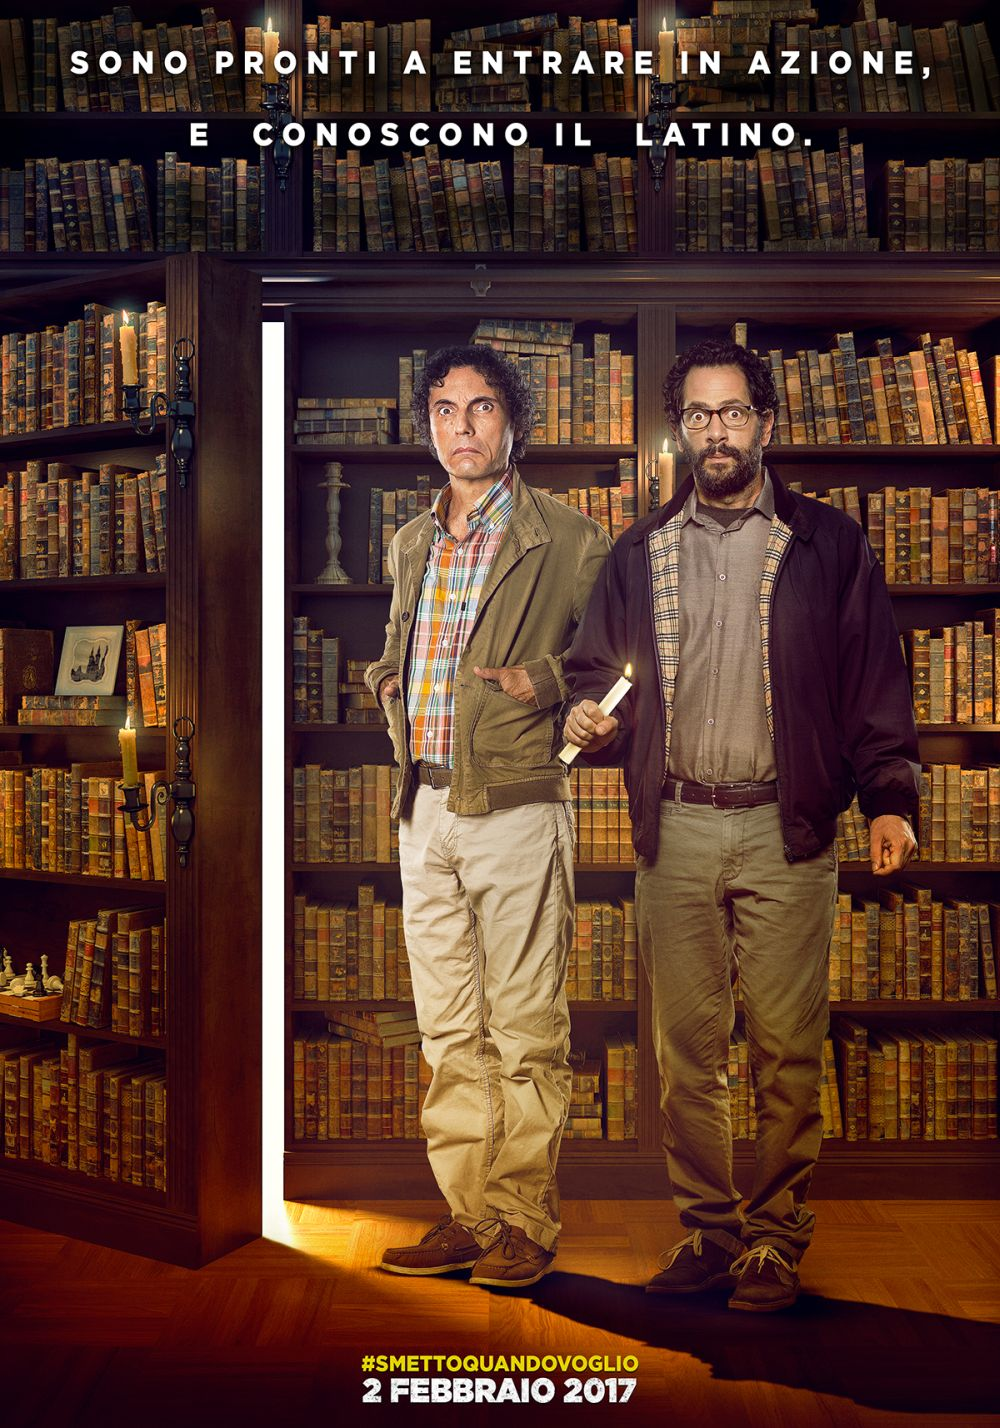 Smetto quando voglio - Masterclass: il character poster di Valerio Aprea e Lorenzo Lavia